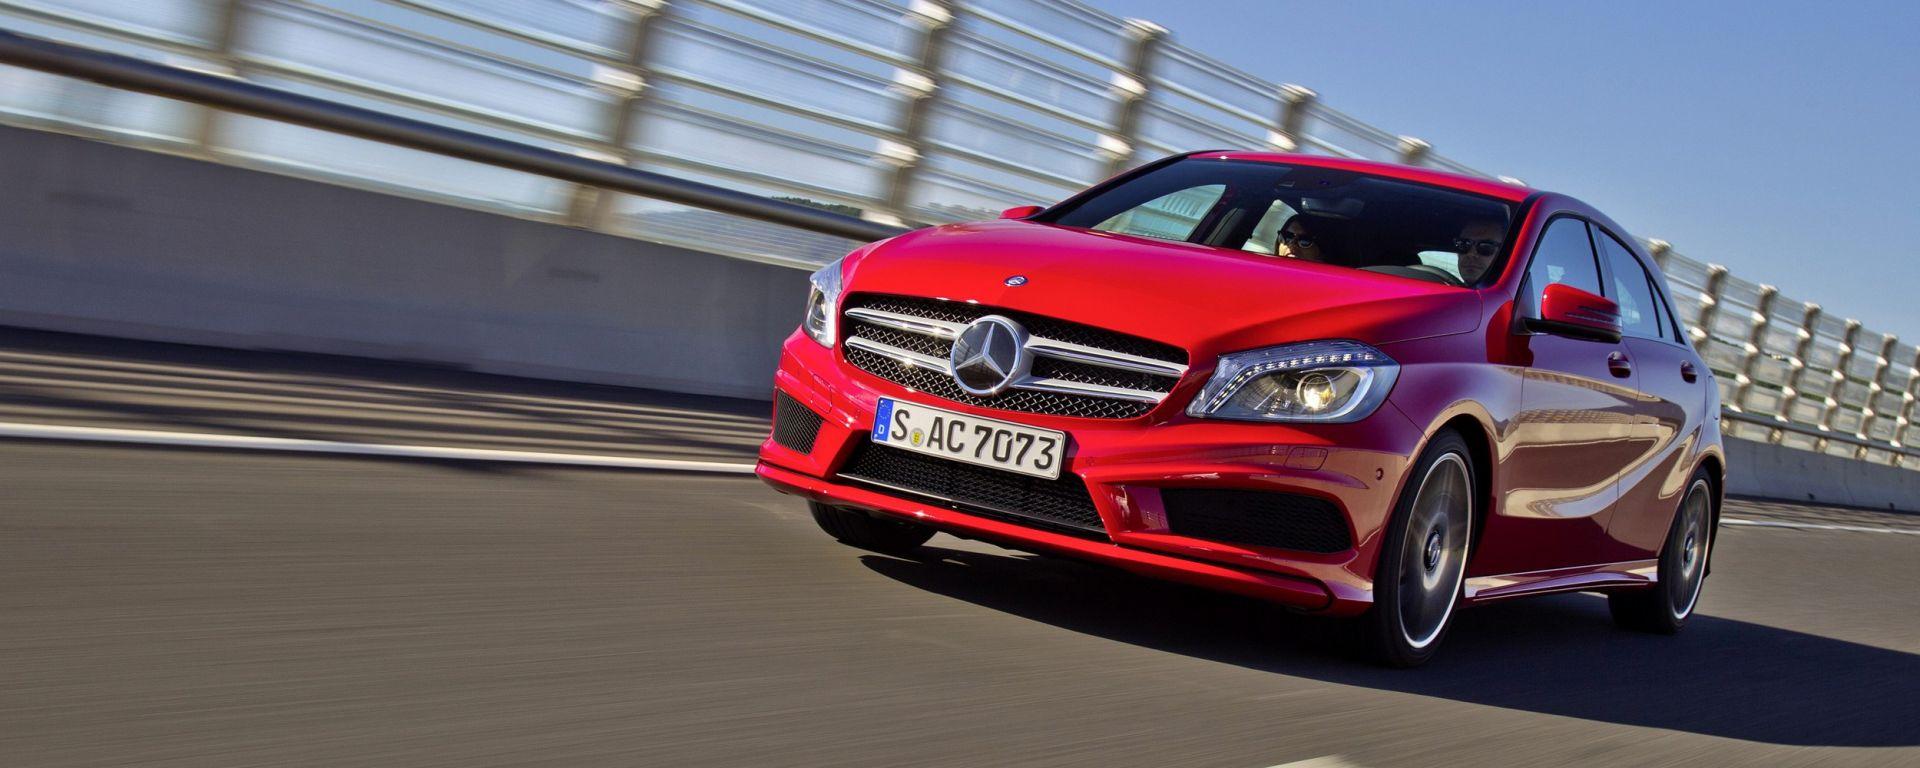 Mercedes Classe A 2012